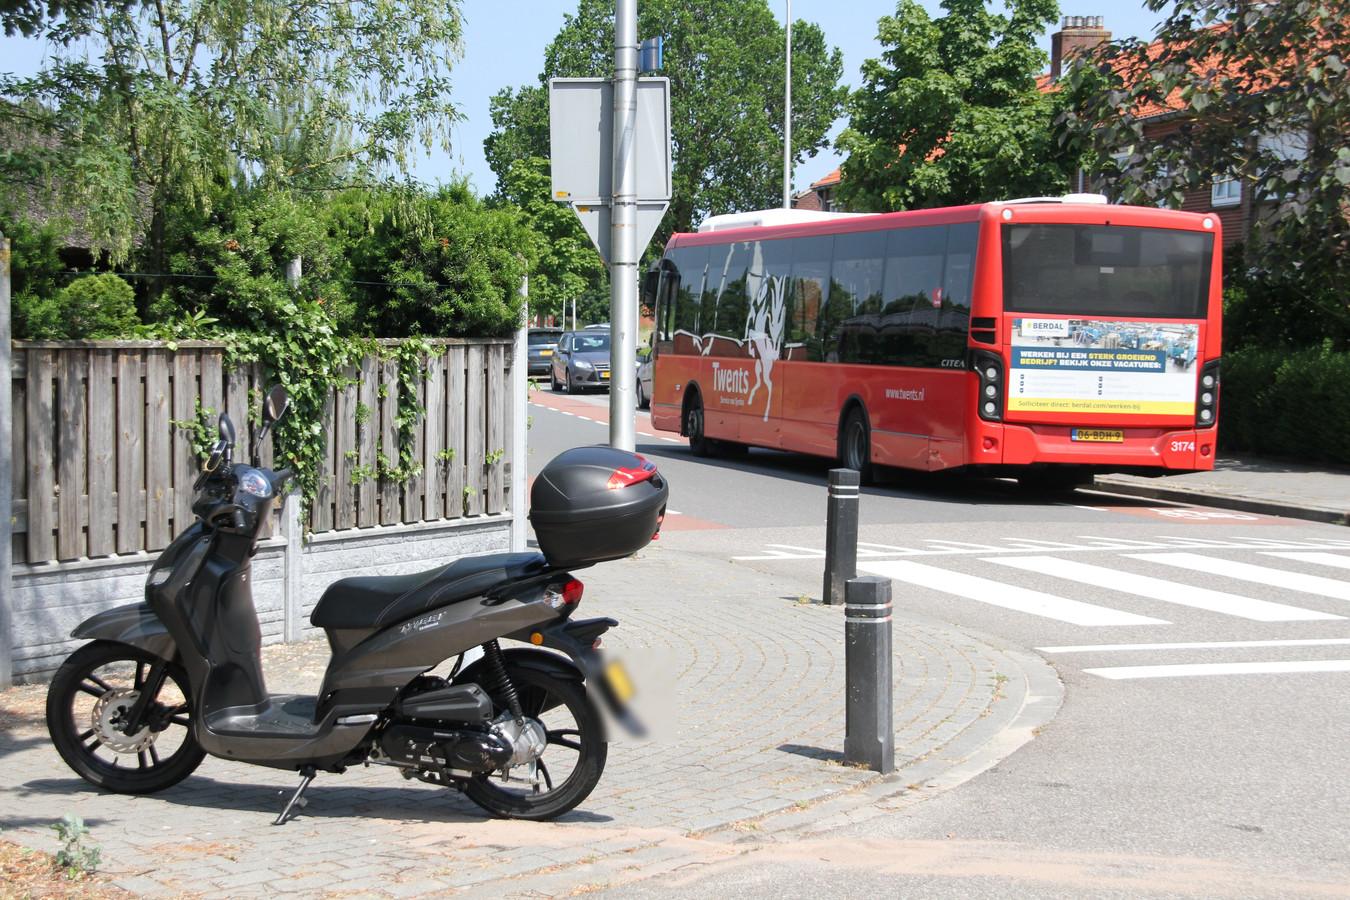 De scooter staat weer overeind en heeft op het eerste oog nauwelijks tot geen schade opgelopen.